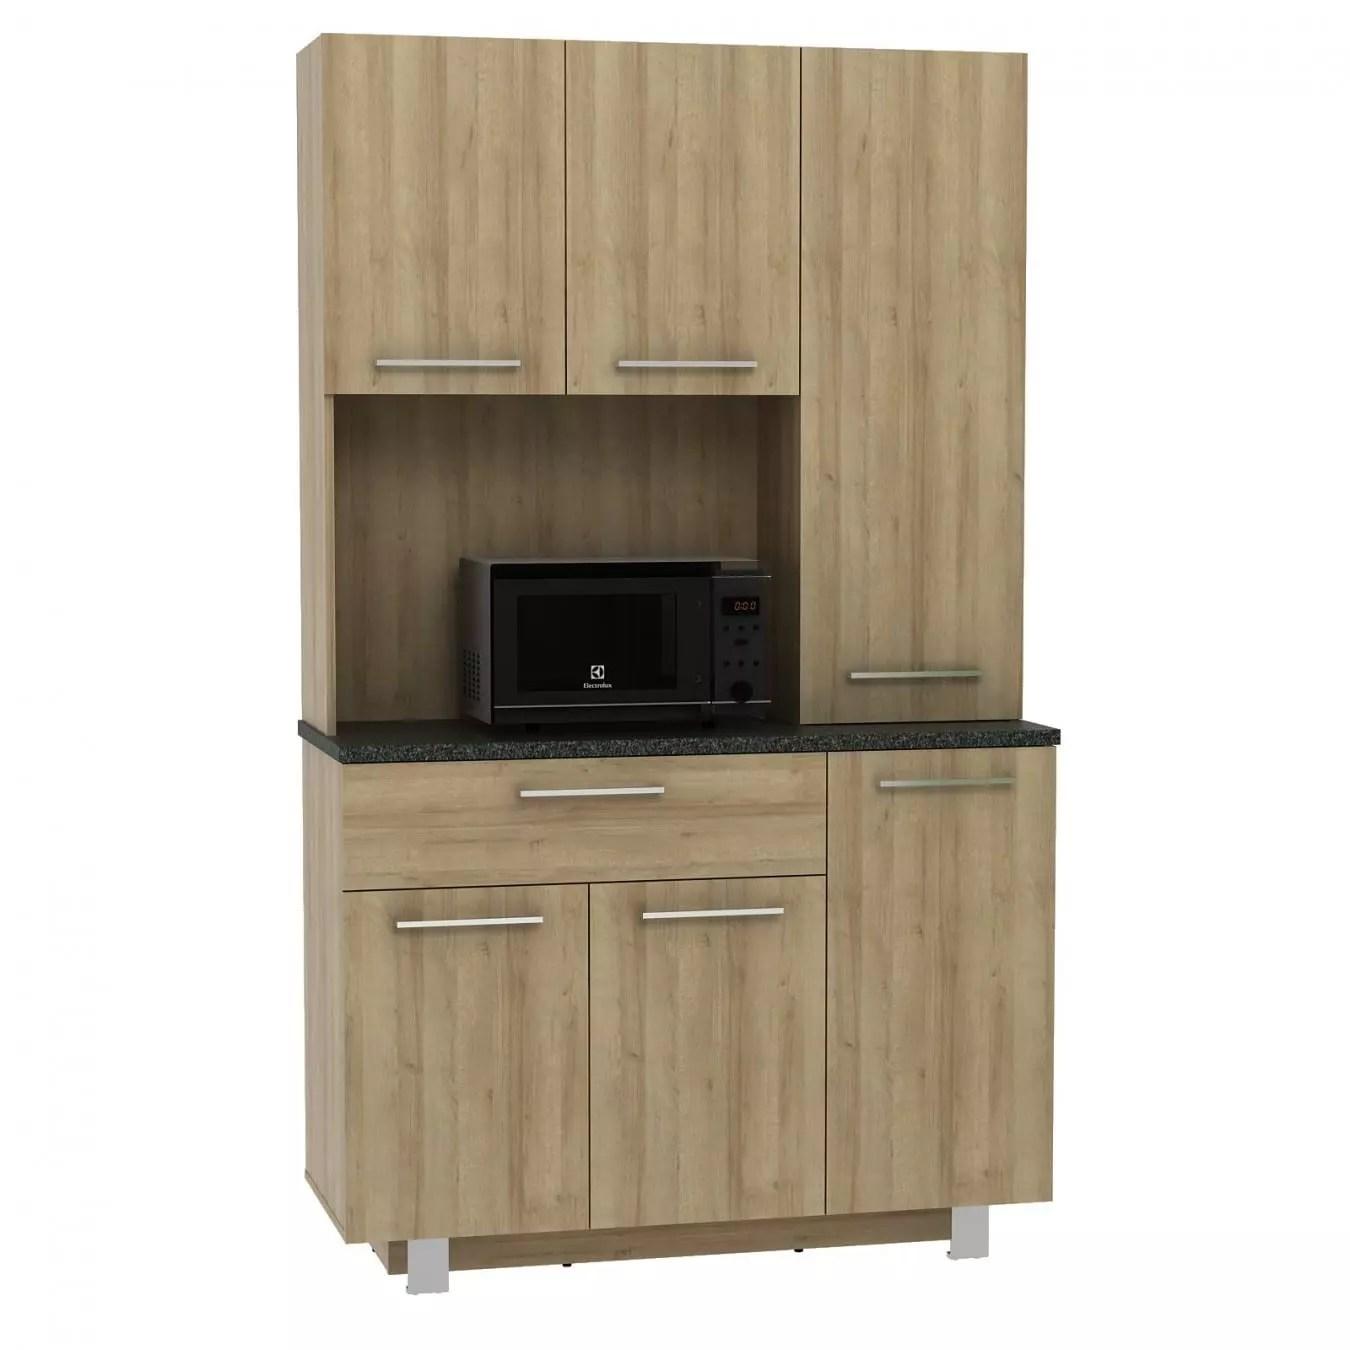 Lemari Kabinet Dapur Pro Design Type Clava Subur Furniture Online